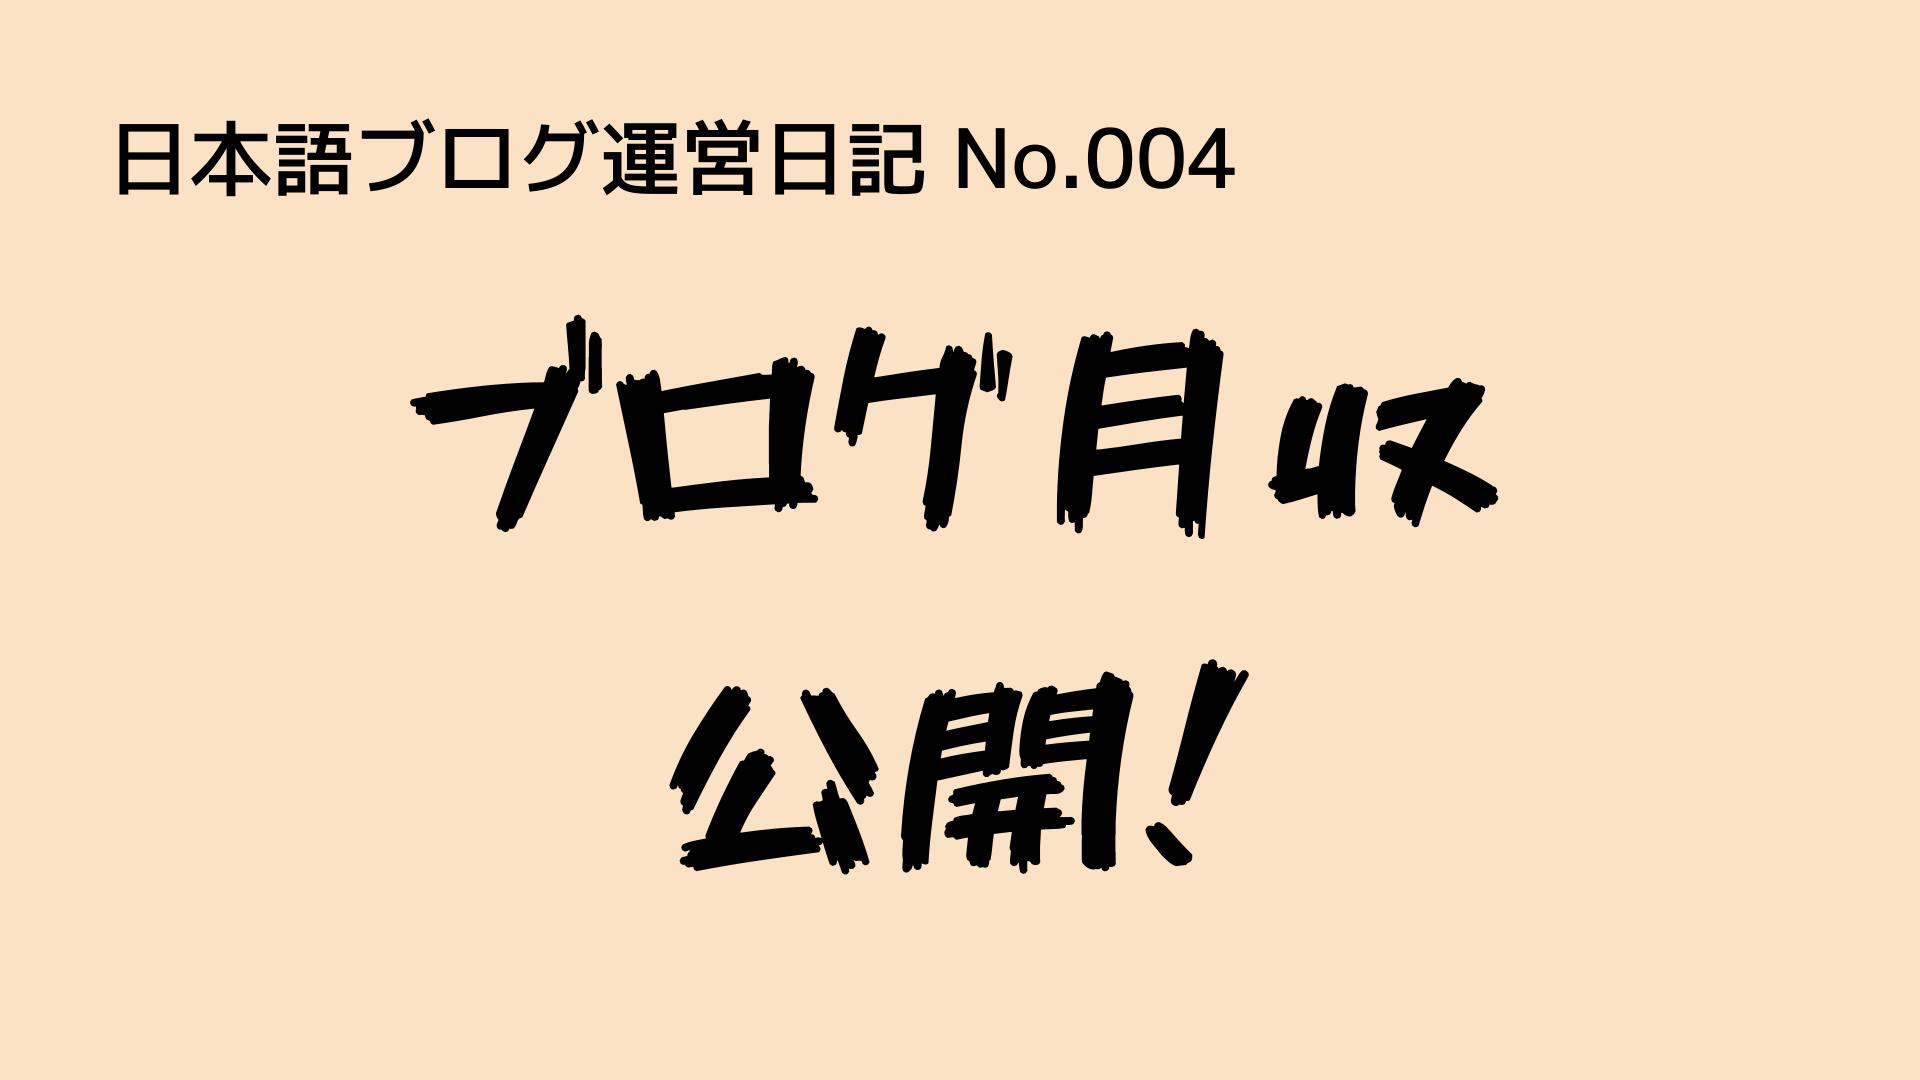 (日本語ブログ運営日記-No.004)【ブログ月収公開!】『1,000記事』達成すると、ブログ収入はいくらになりそうか?(予想)